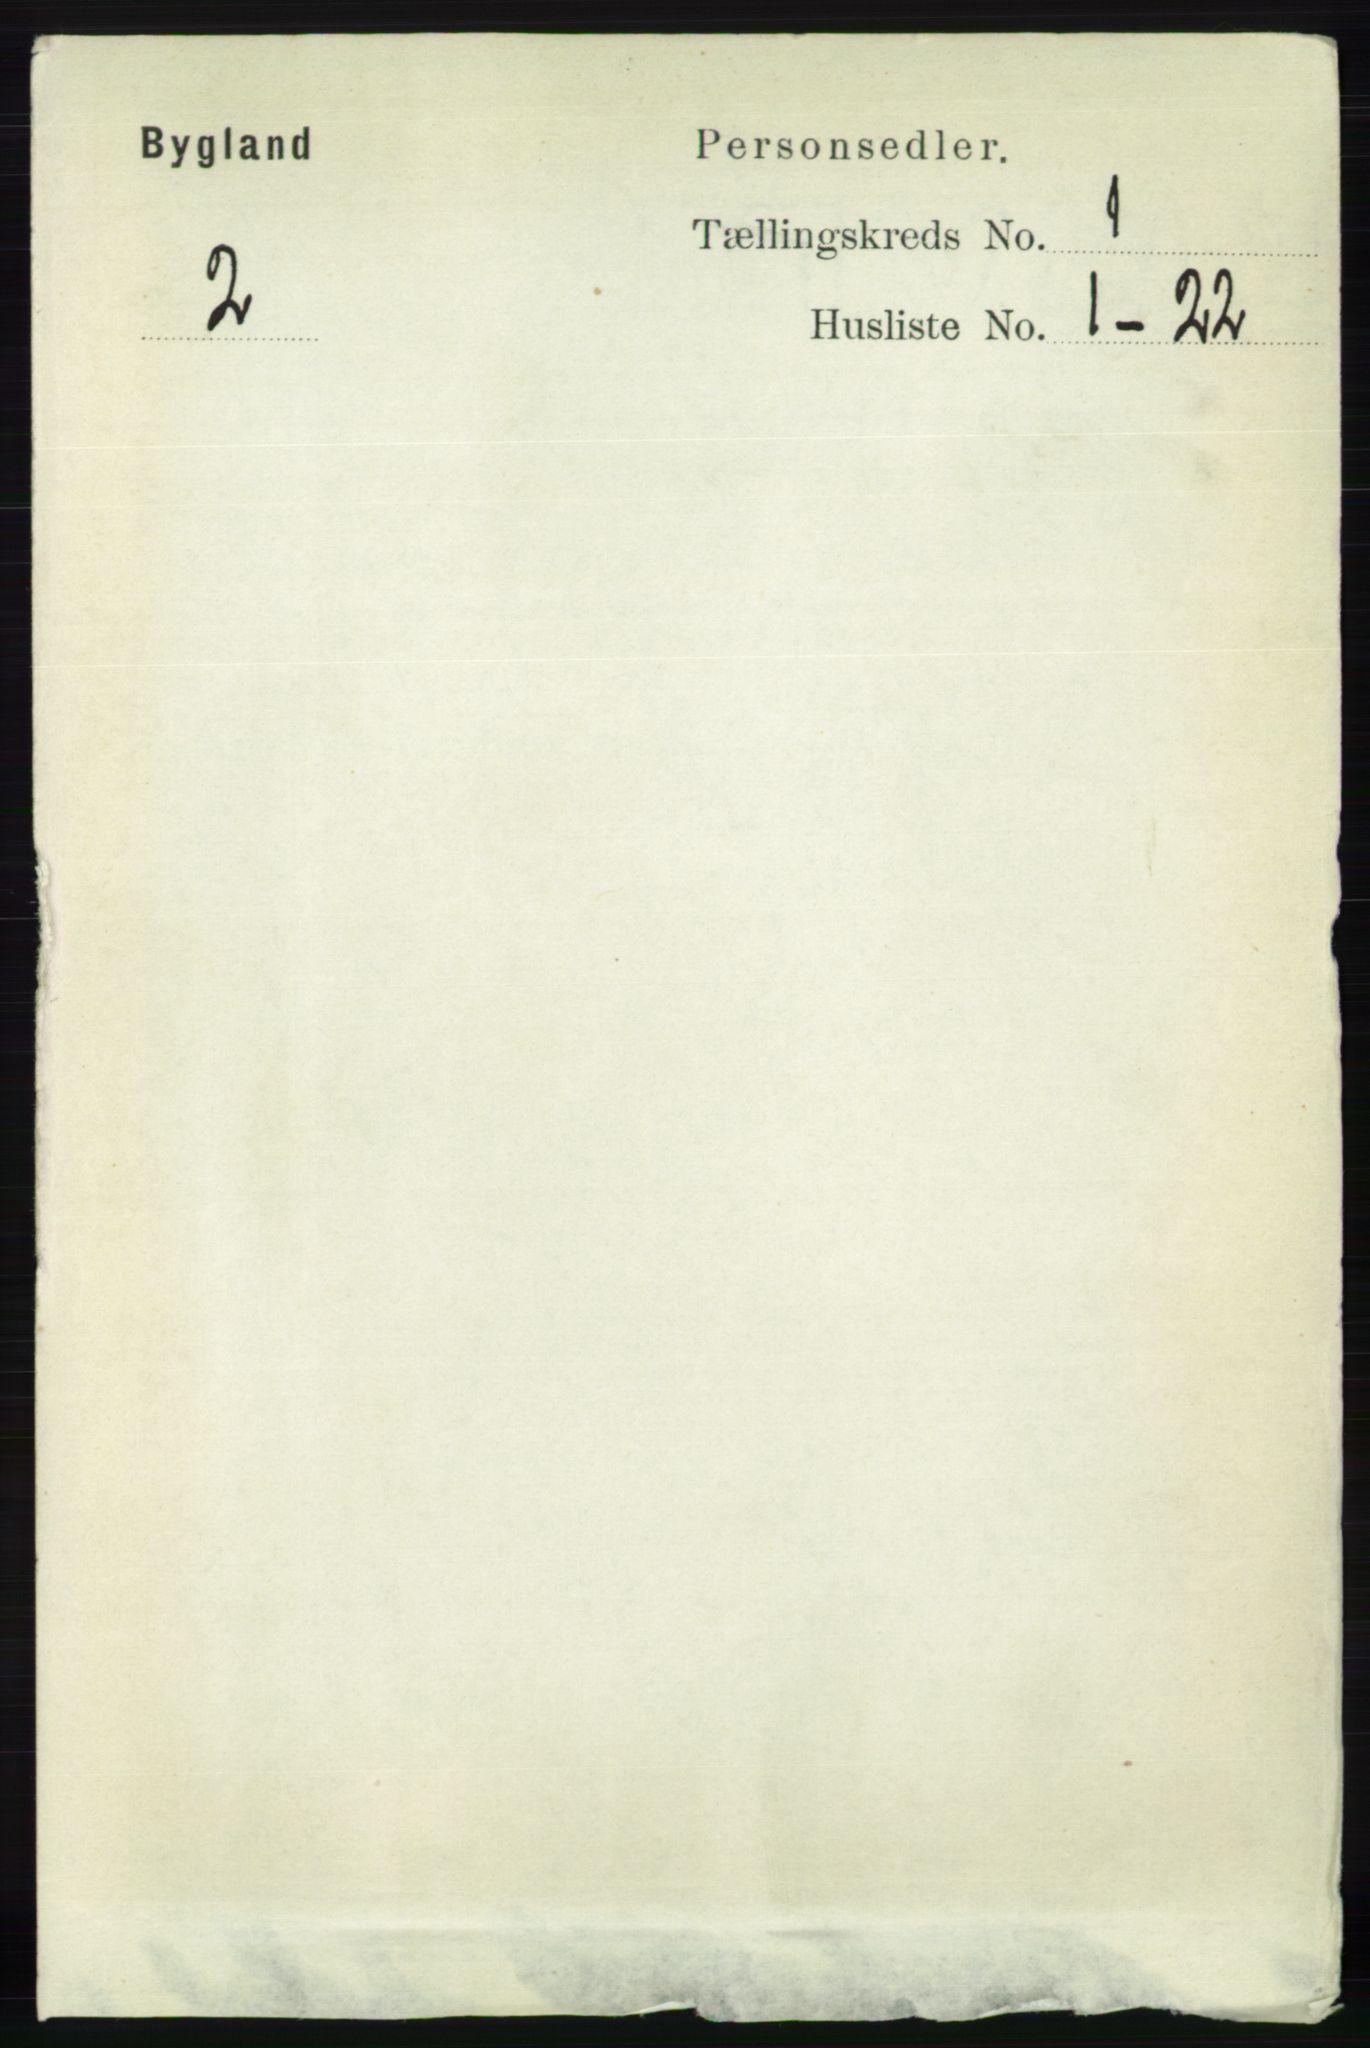 RA, Folketelling 1891 for 0938 Bygland herred, 1891, s. 52